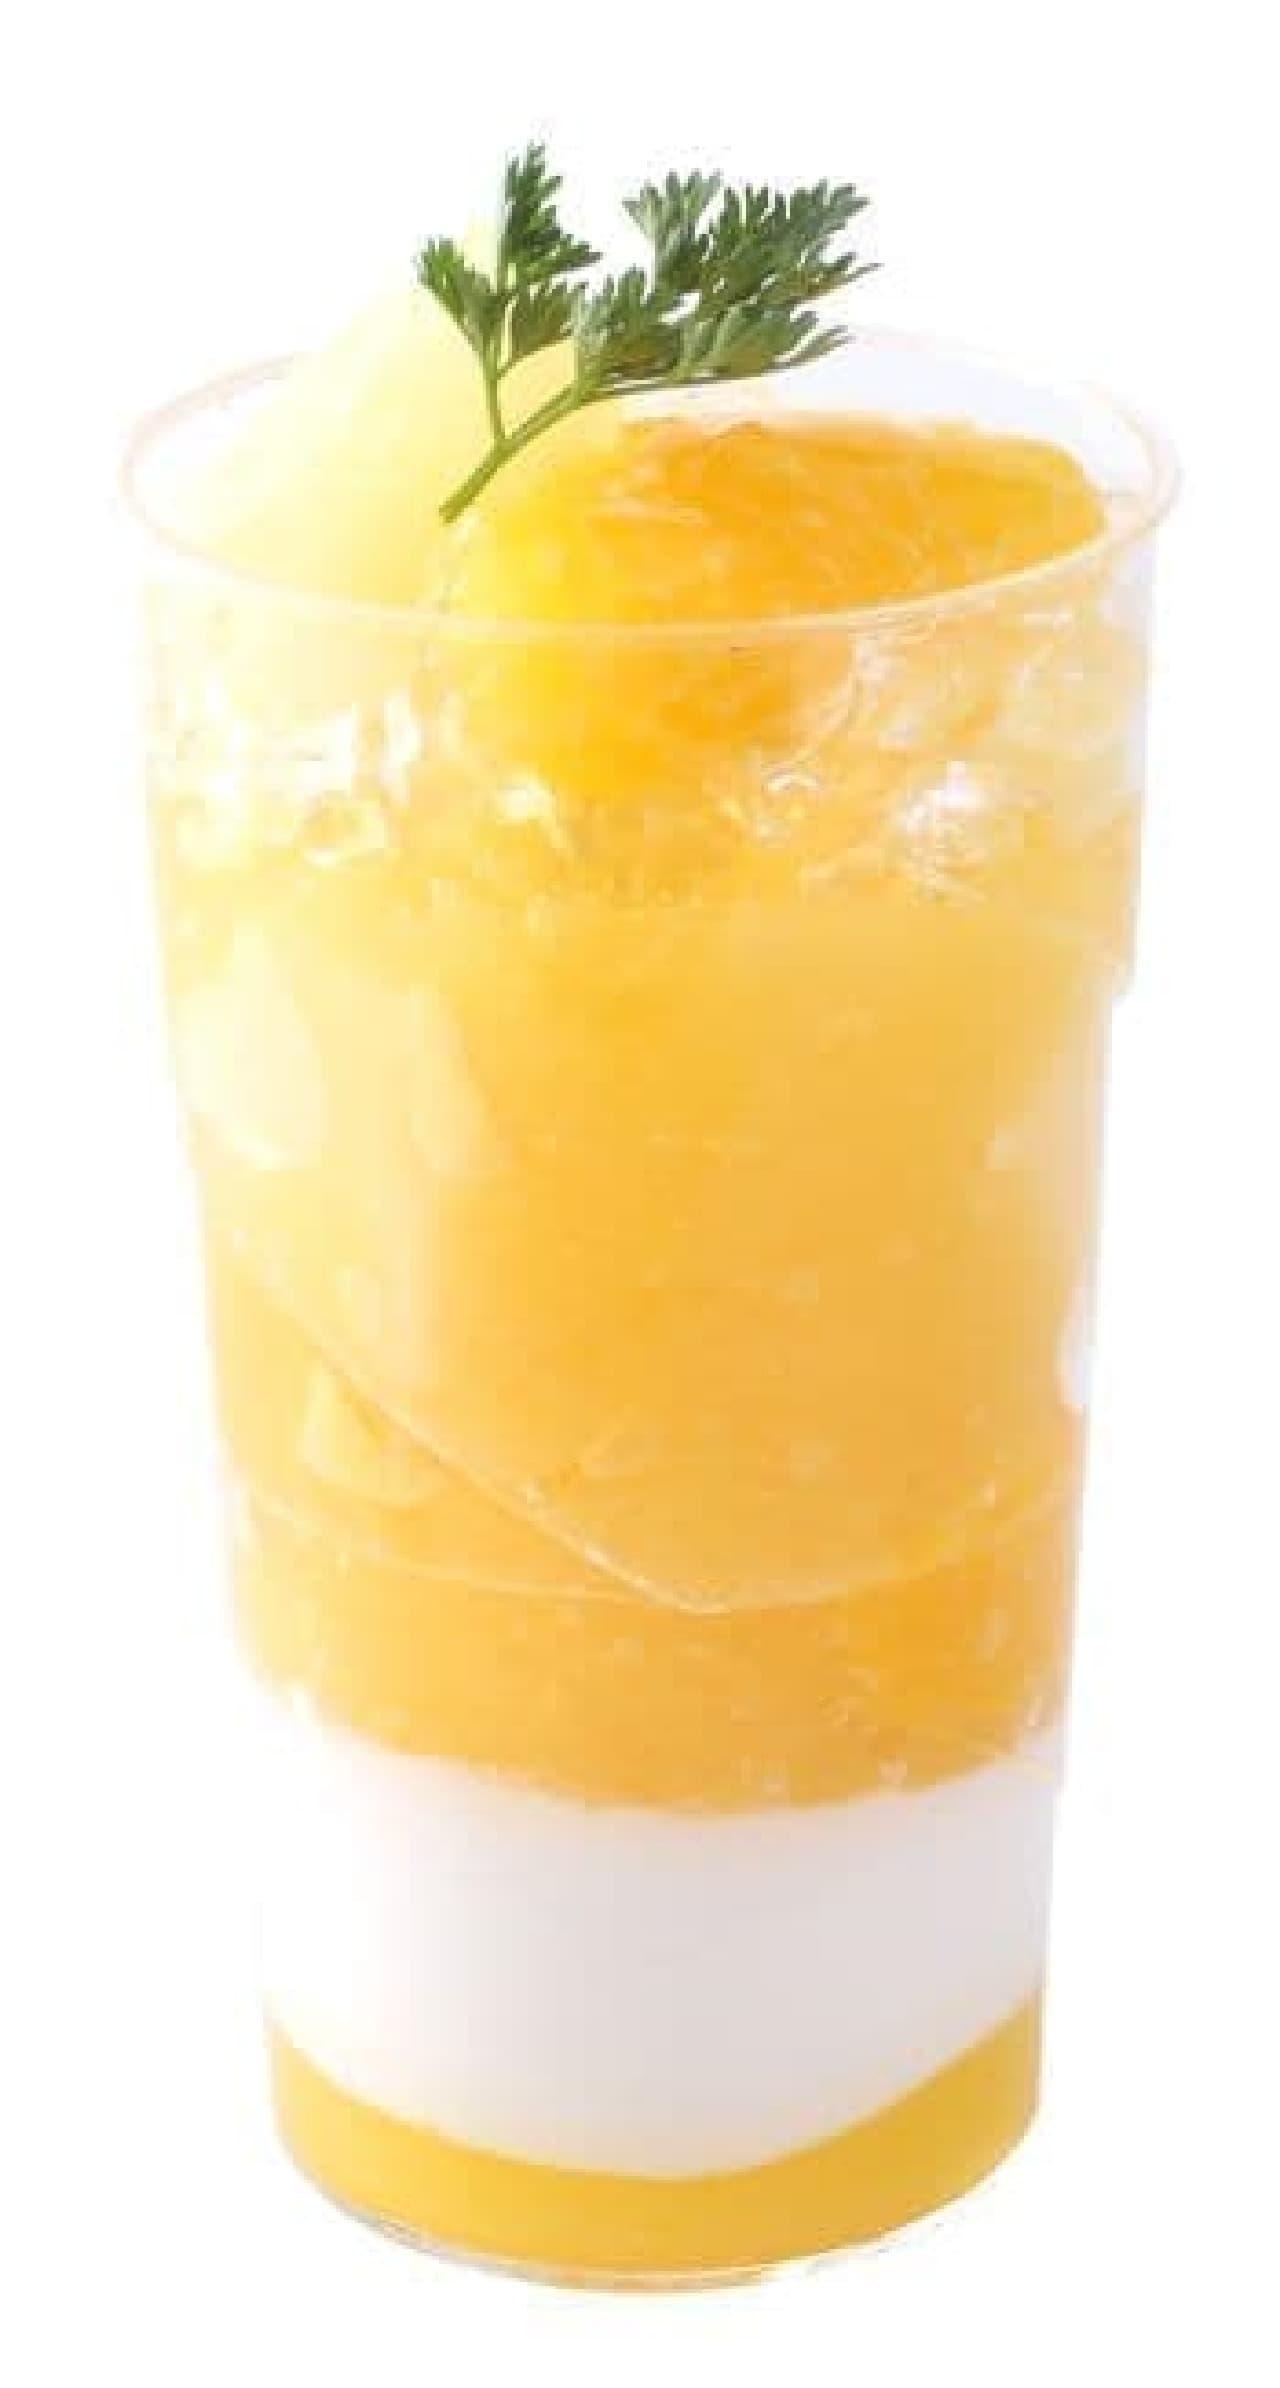 「ヴェリーヌ・オ・アナナス」は、トロピカルなパイナップルジュレにココナッツジュレとオレンジソースが重ねられたスイーツ